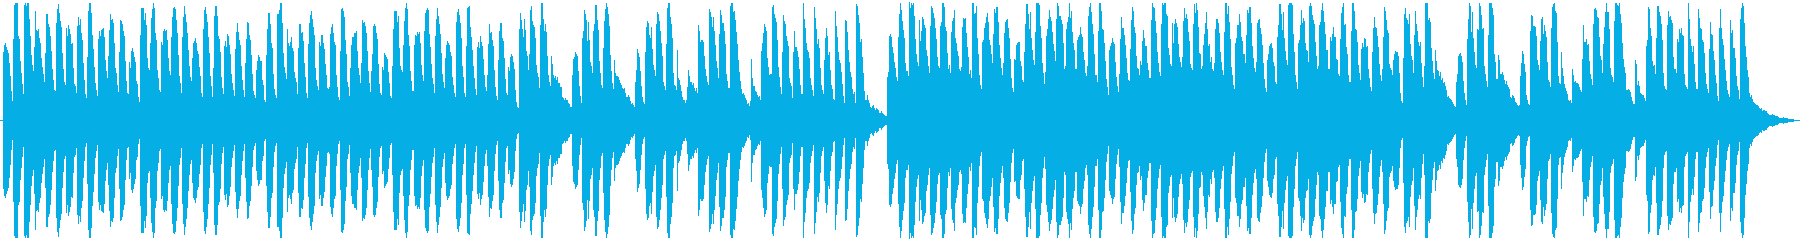 RPG風の不思議な雰囲気のBGMの再生済みの波形